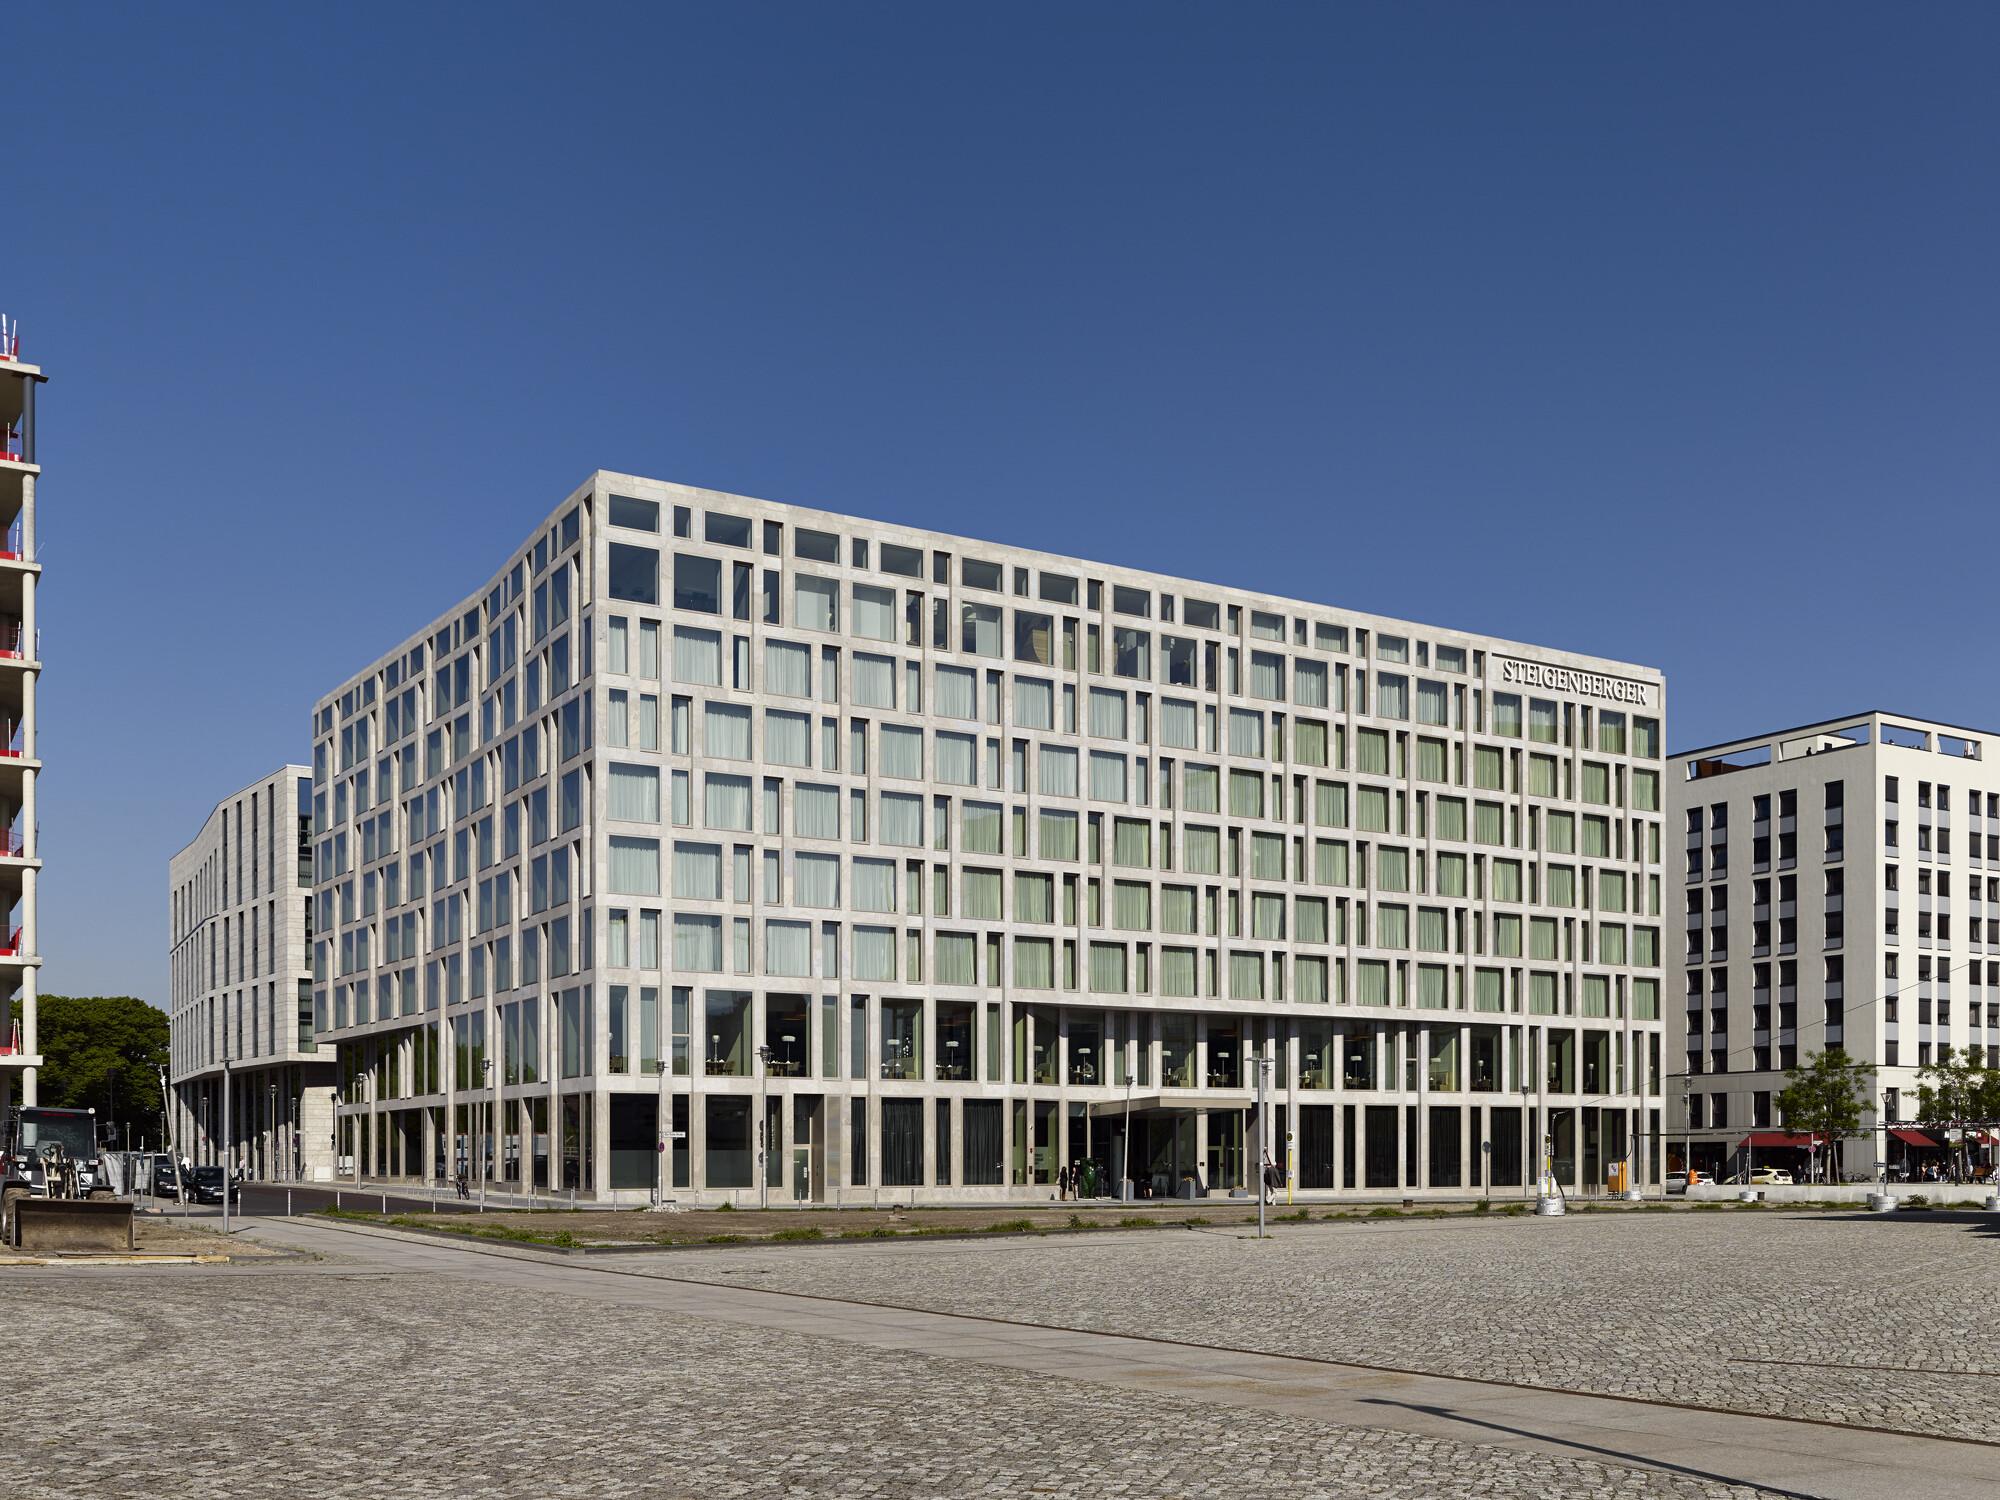 Hotel Steigenberger am Kanzleramt